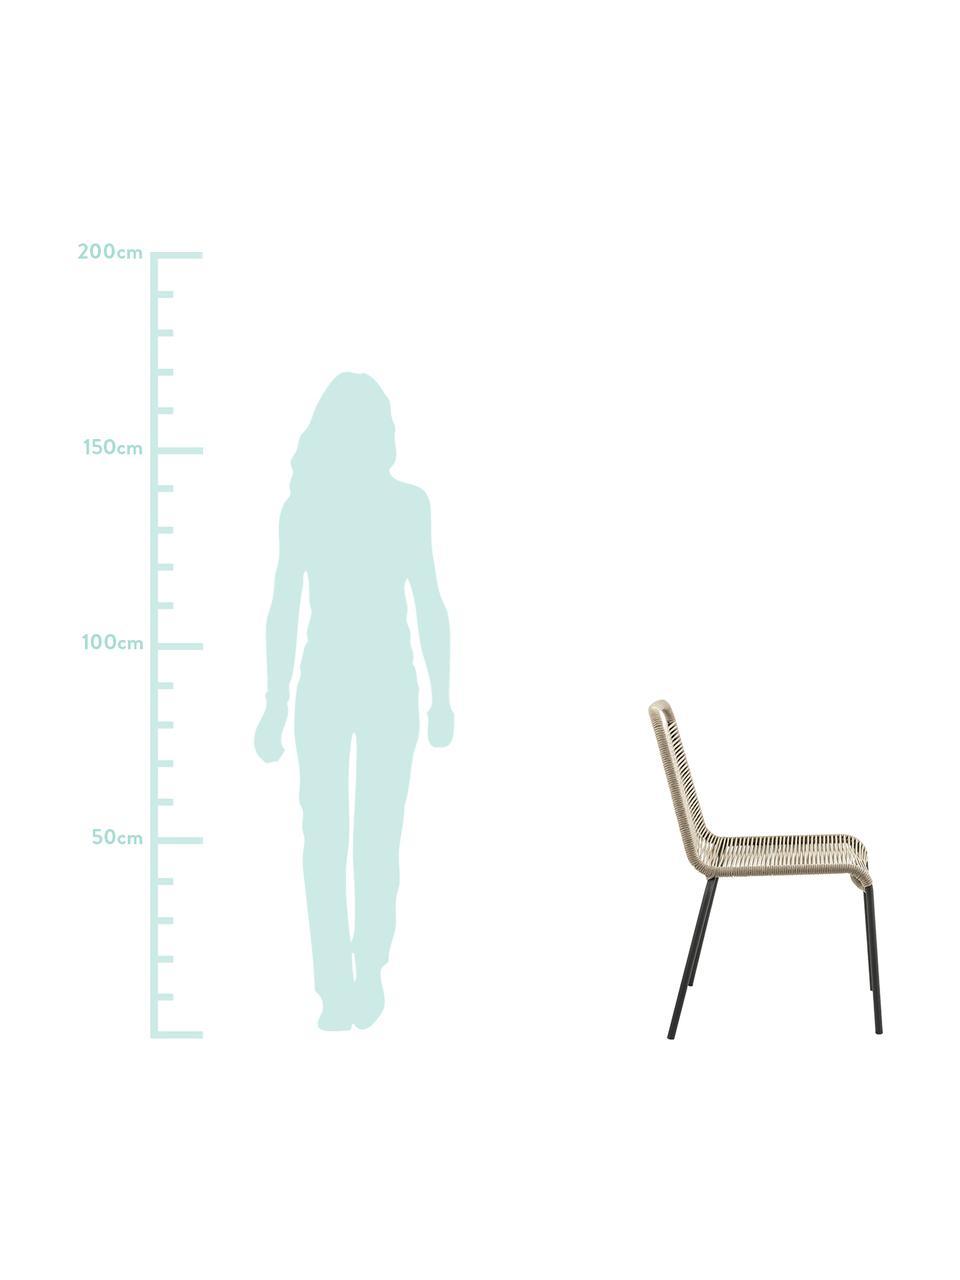 Zahradní židle Lambton, 2 ks, Černá, světle hnědá